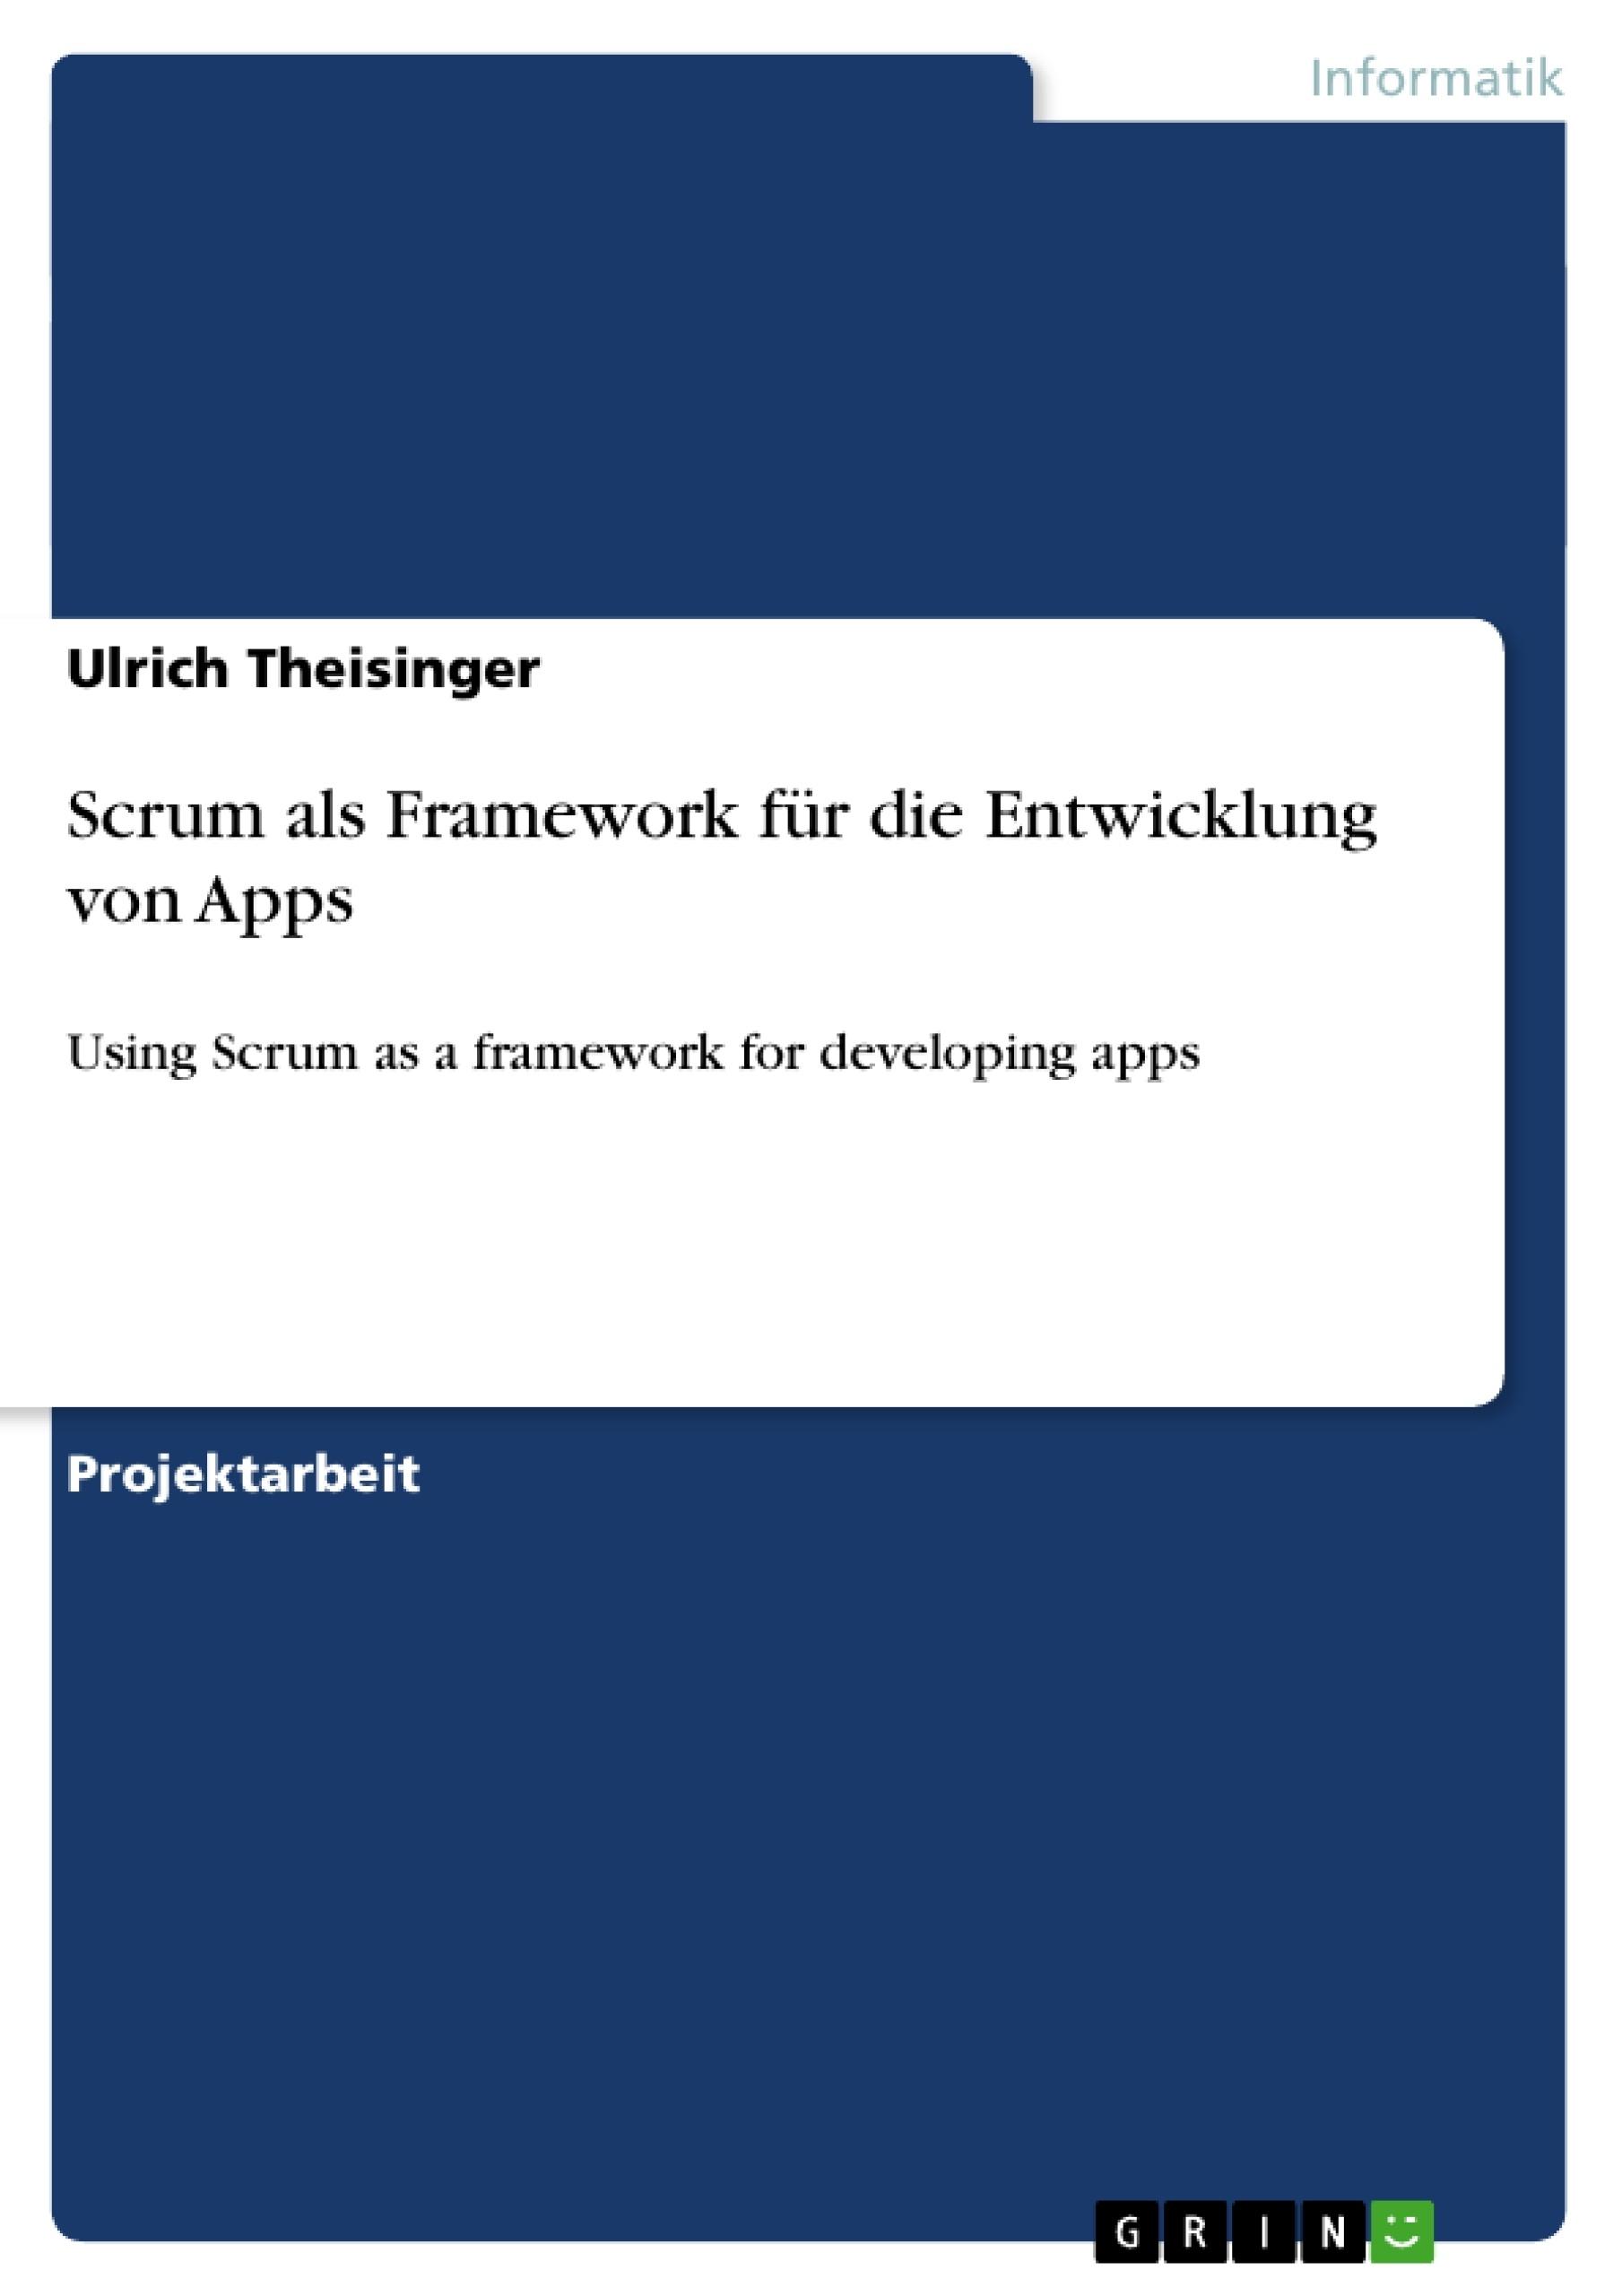 Titel: Scrum als Framework für die Entwicklung von Apps